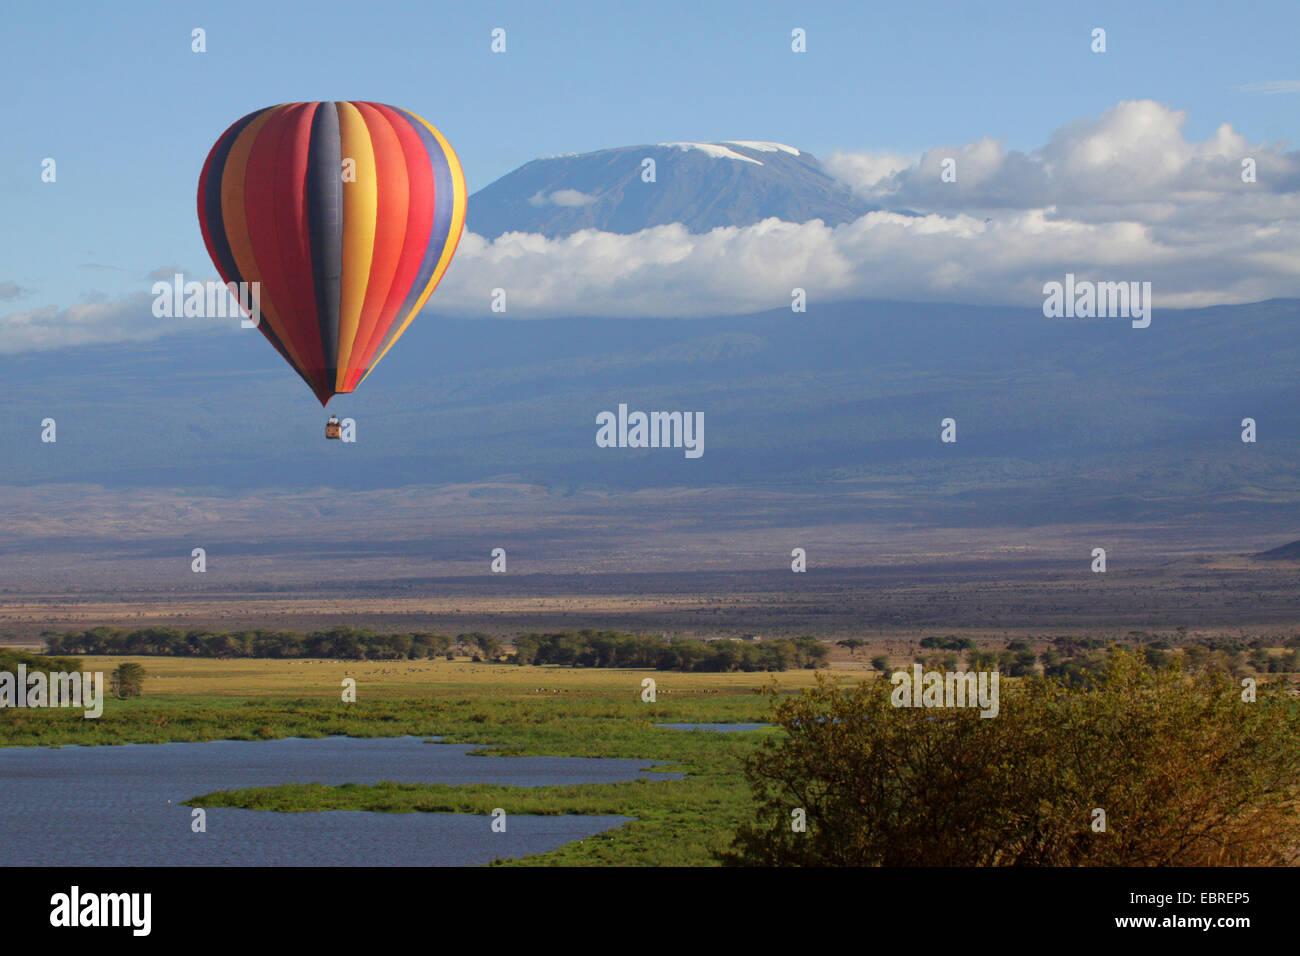 hot-air balloon safari with view onto Kilimanjaro, Kenya, Amboseli National Park - Stock Image